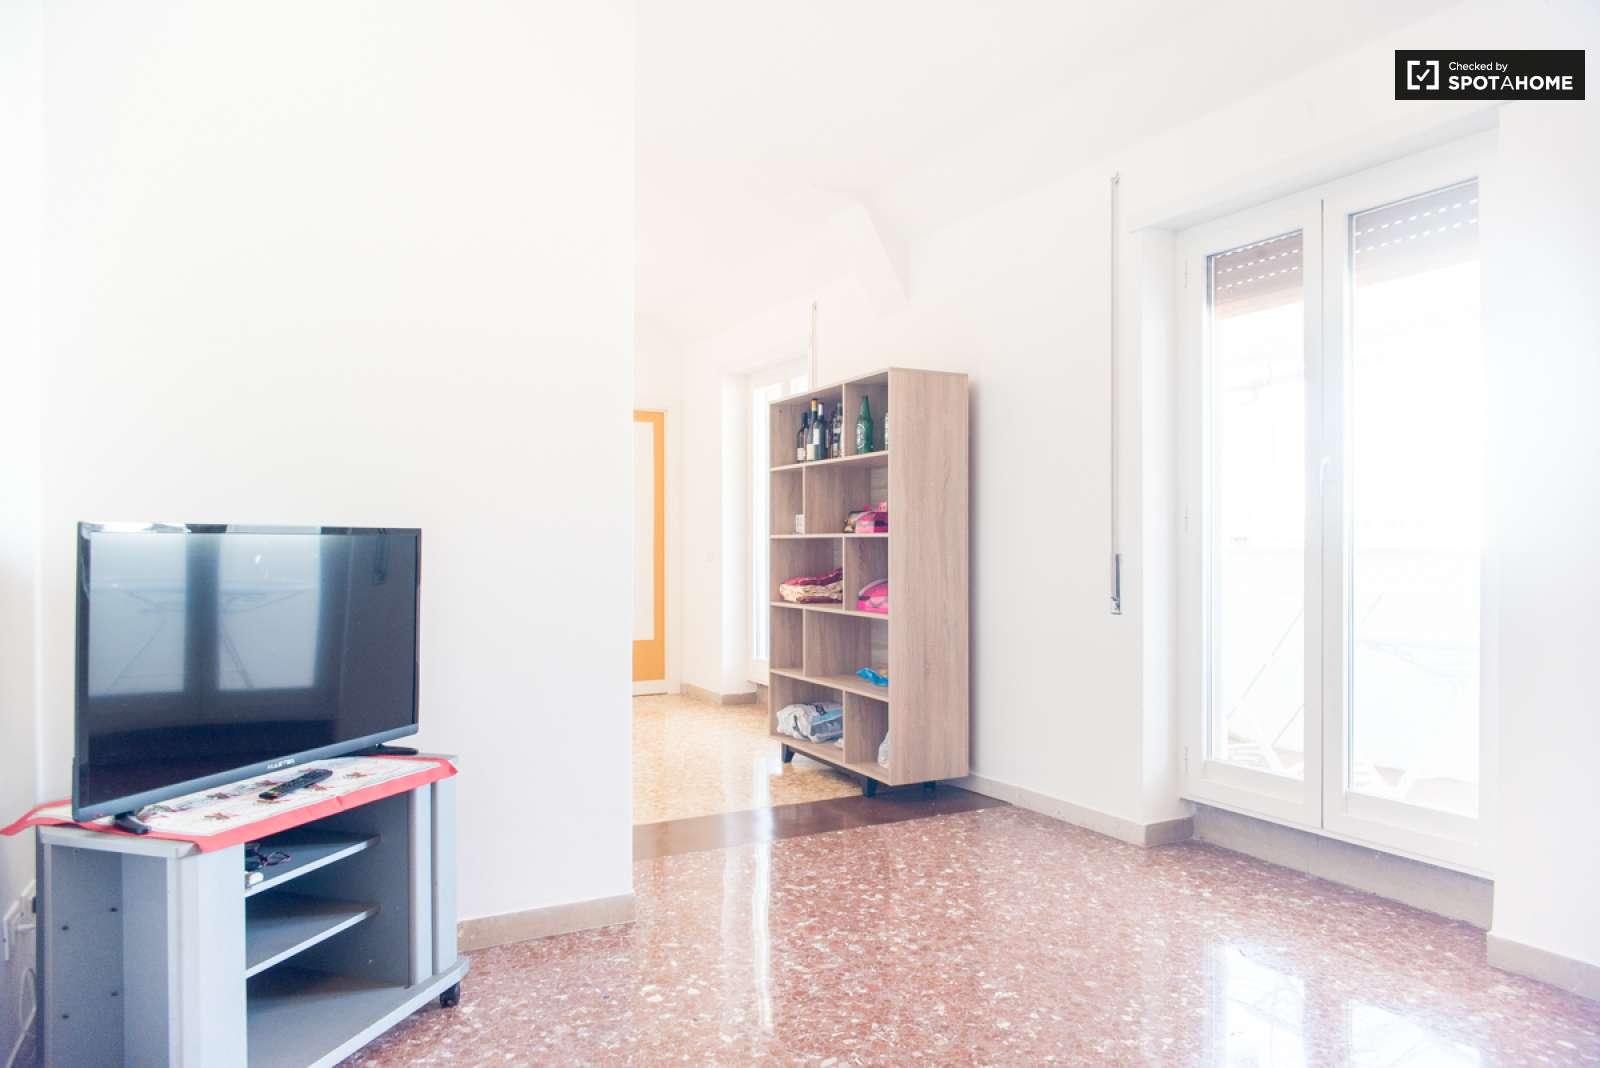 Cosa Vuol Dire Vasca Da Bagno In Inglese : Stanza arredata in un appartamento ostiense roma ref: 104051